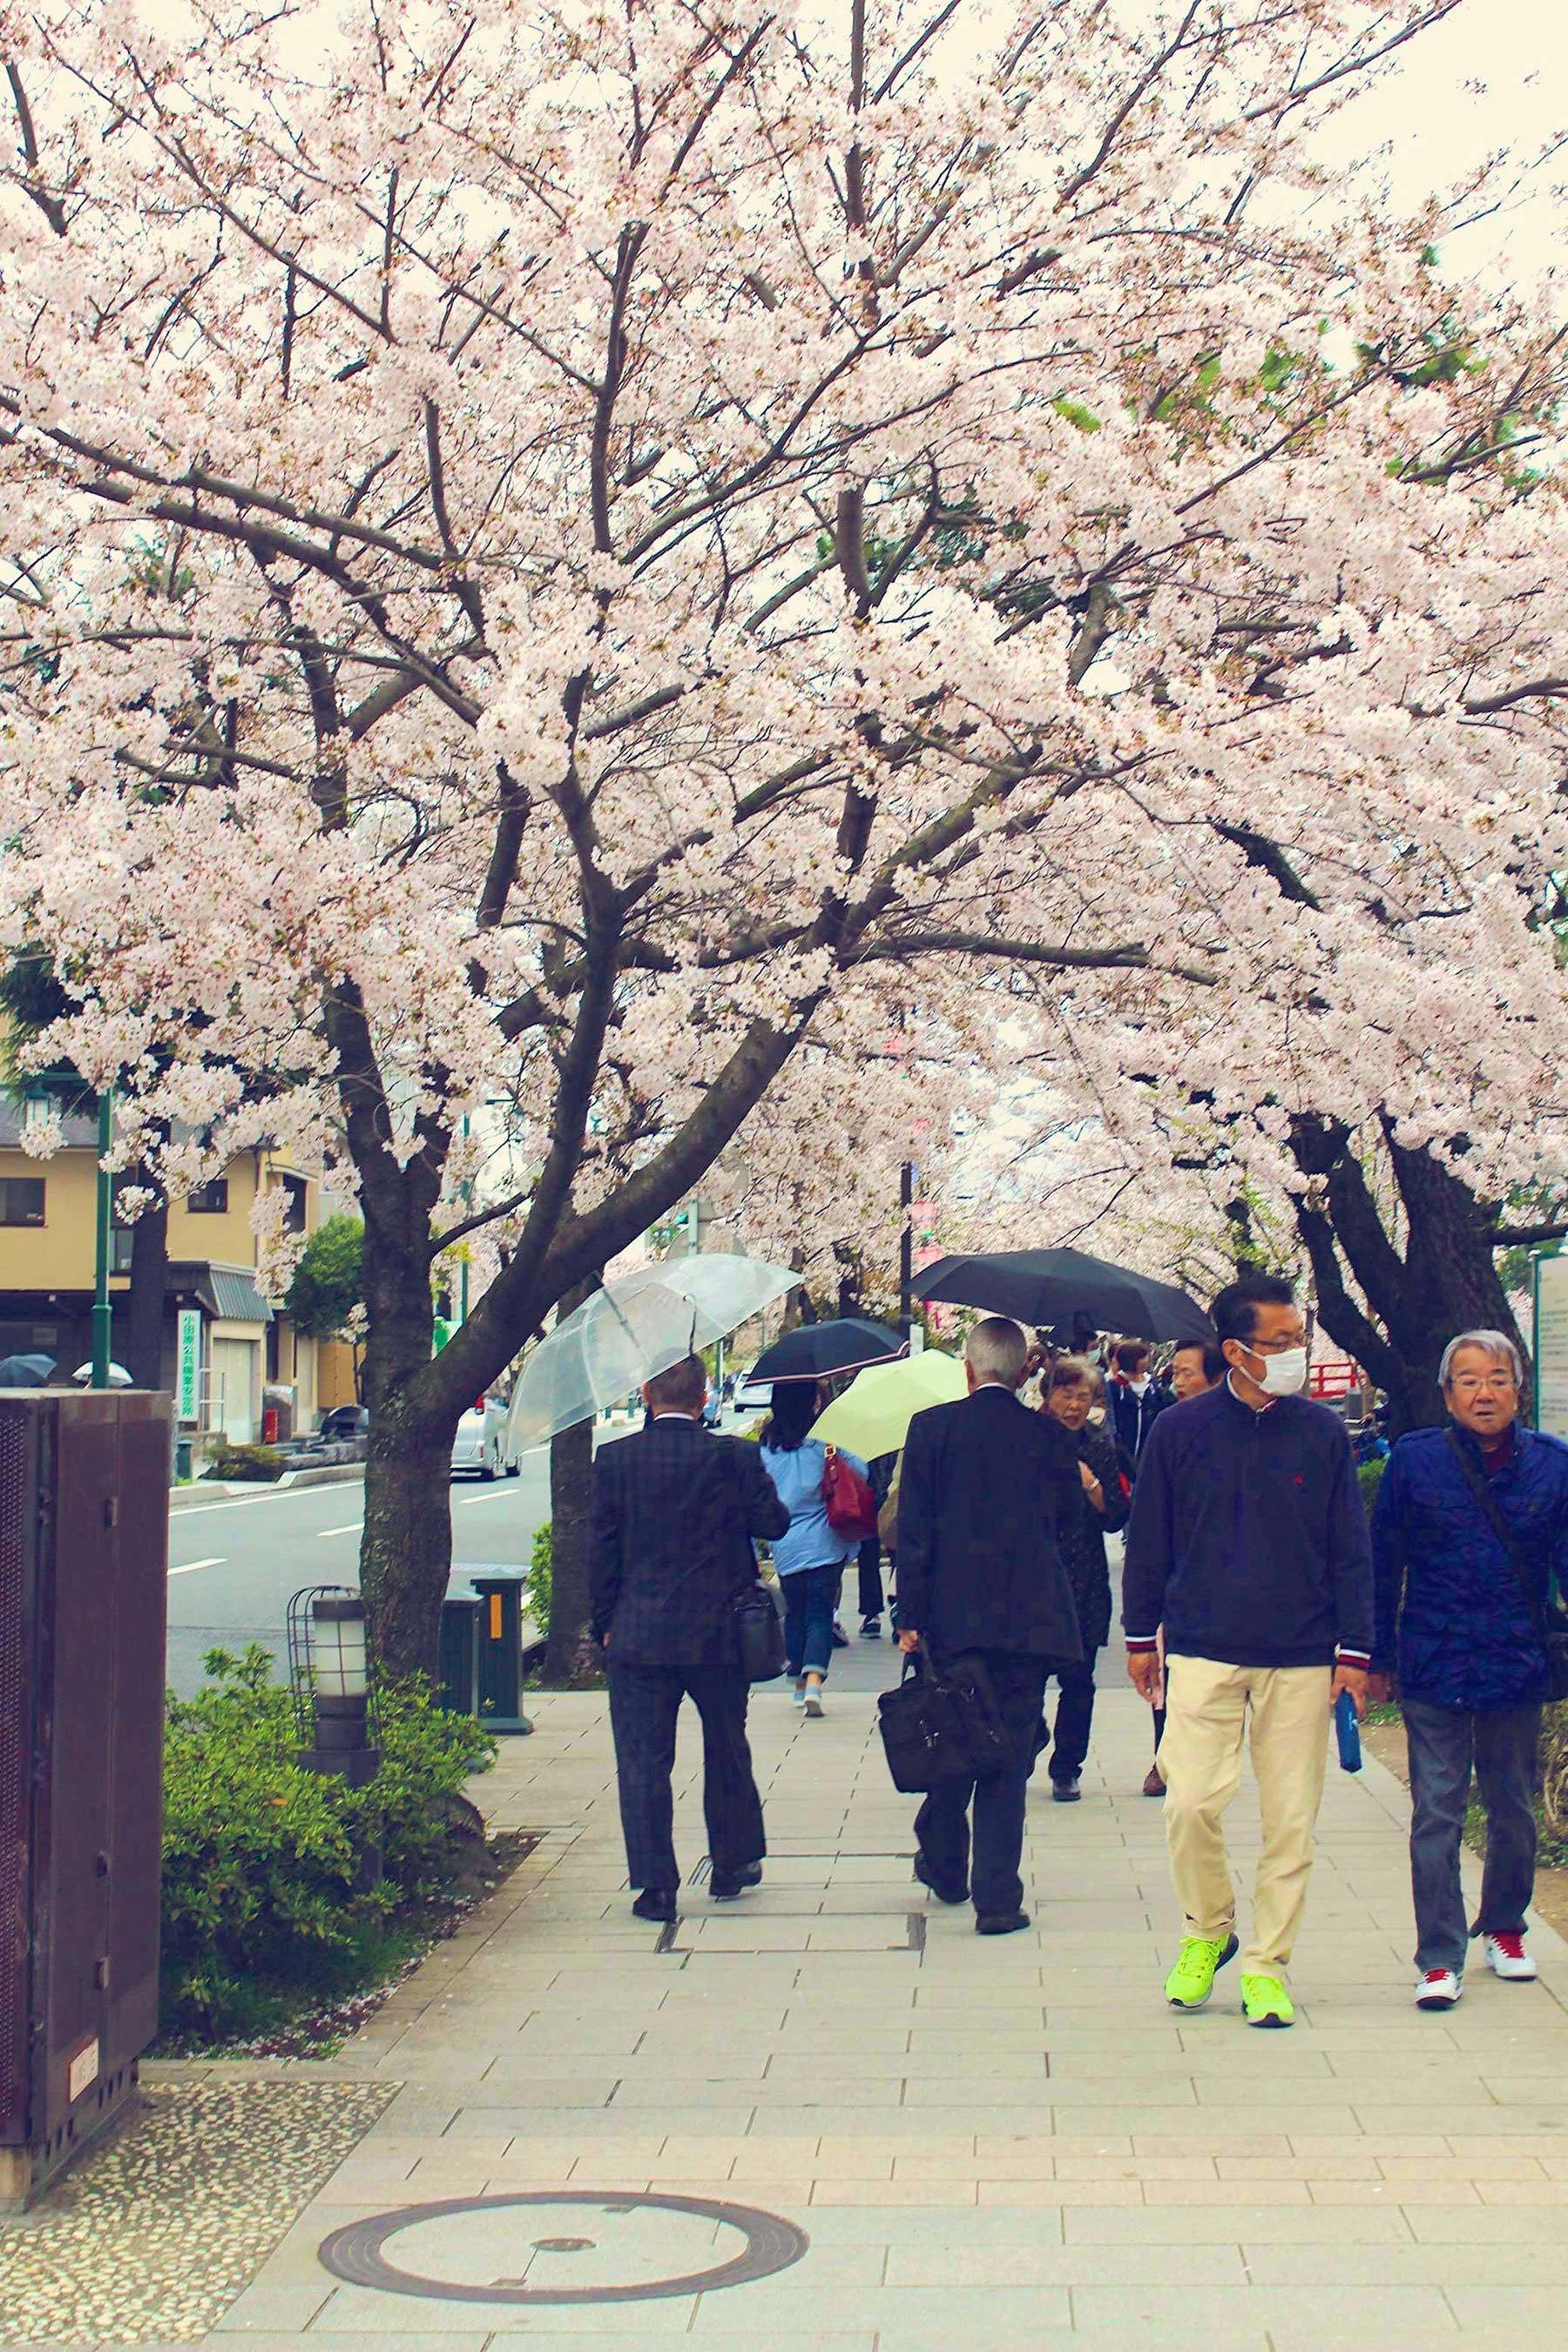 Odawara, Japan